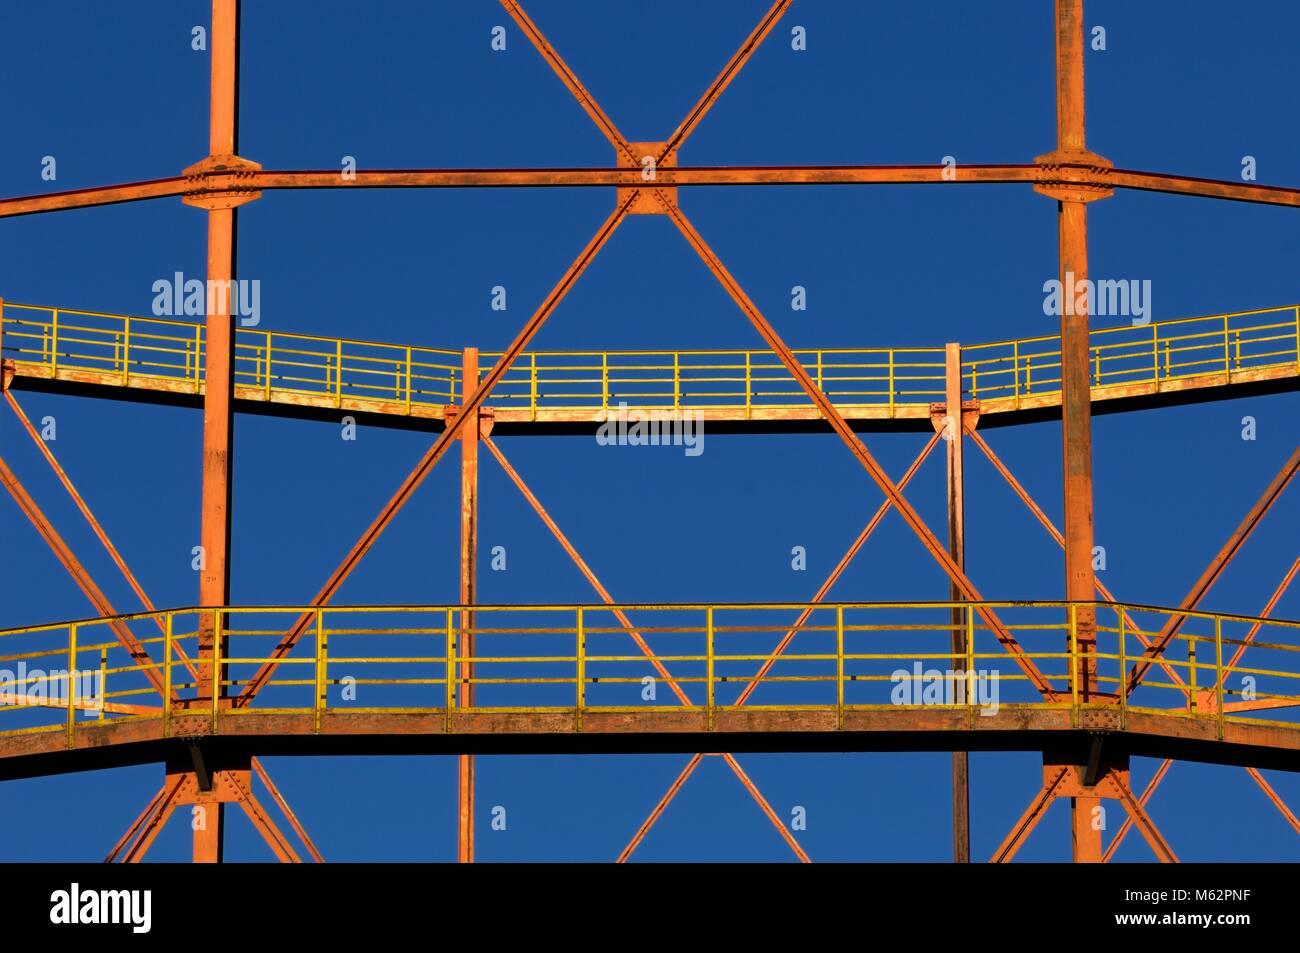 Gaskessel Stockfotos & Gaskessel Bilder - Alamy